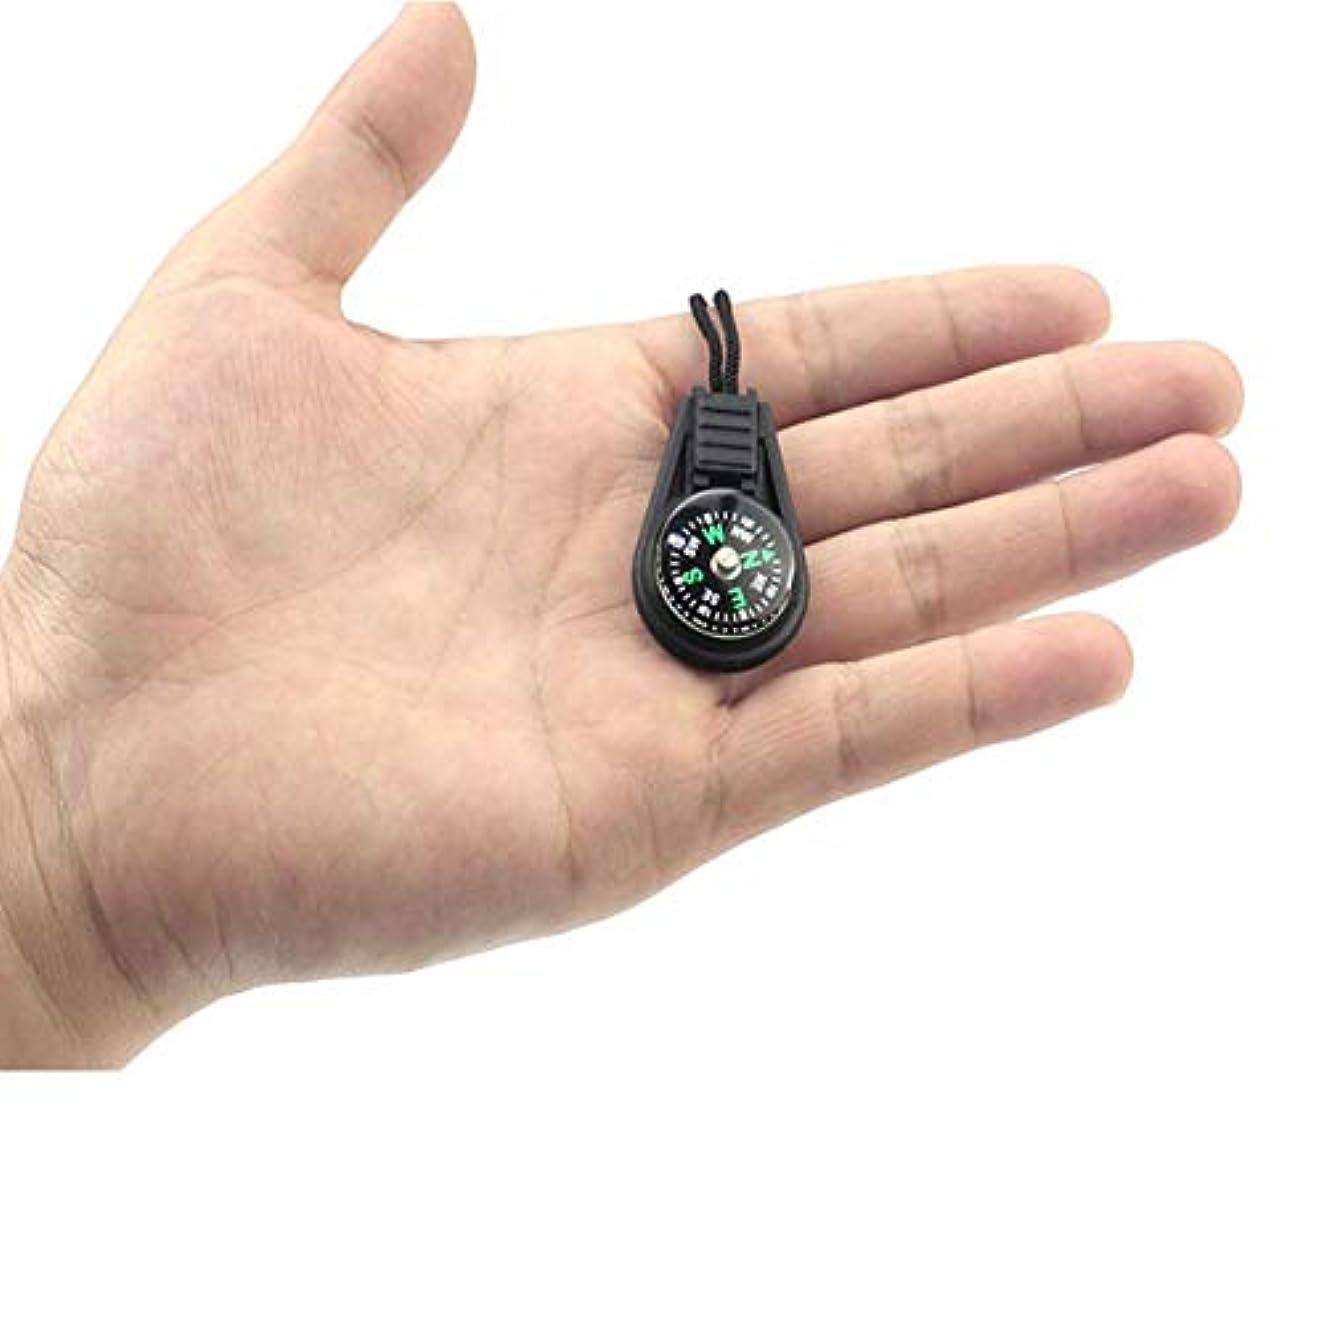 マルクス主義野球苦ロープペンダント付き小型コンパスミニコンパスコンパス-ブラック